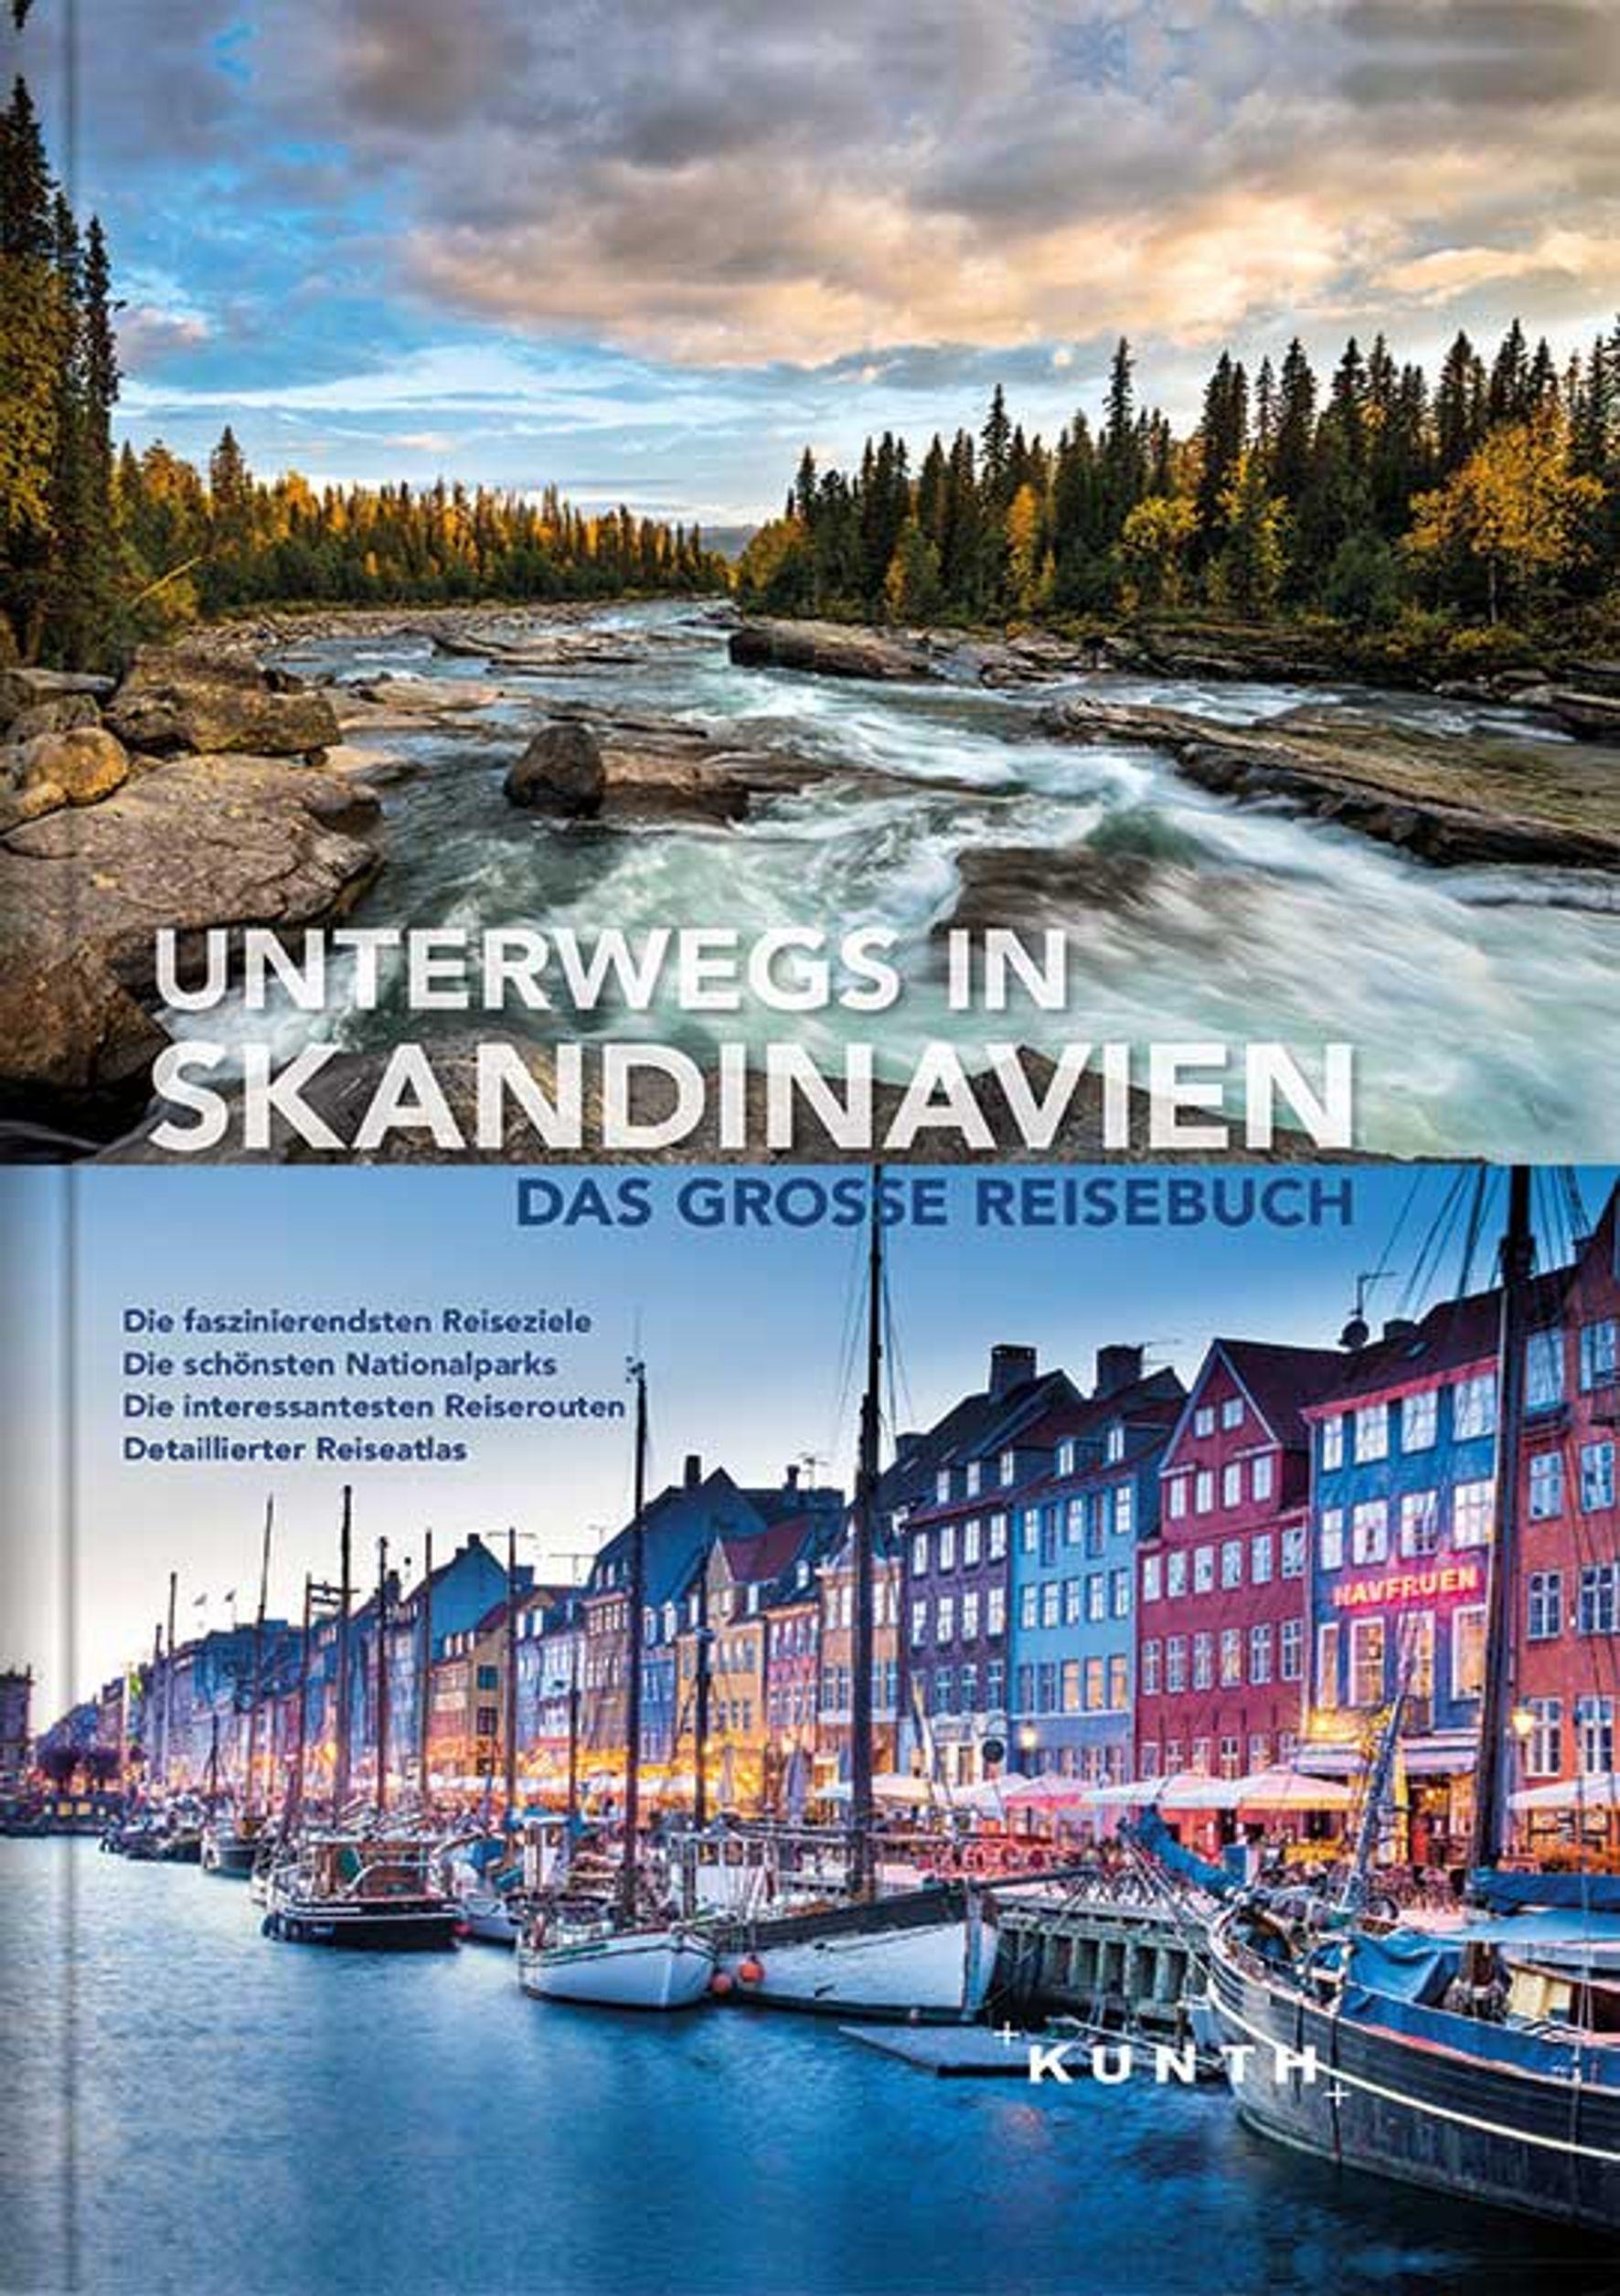 Unterwegs in Skandinavien KUNTH Verlag